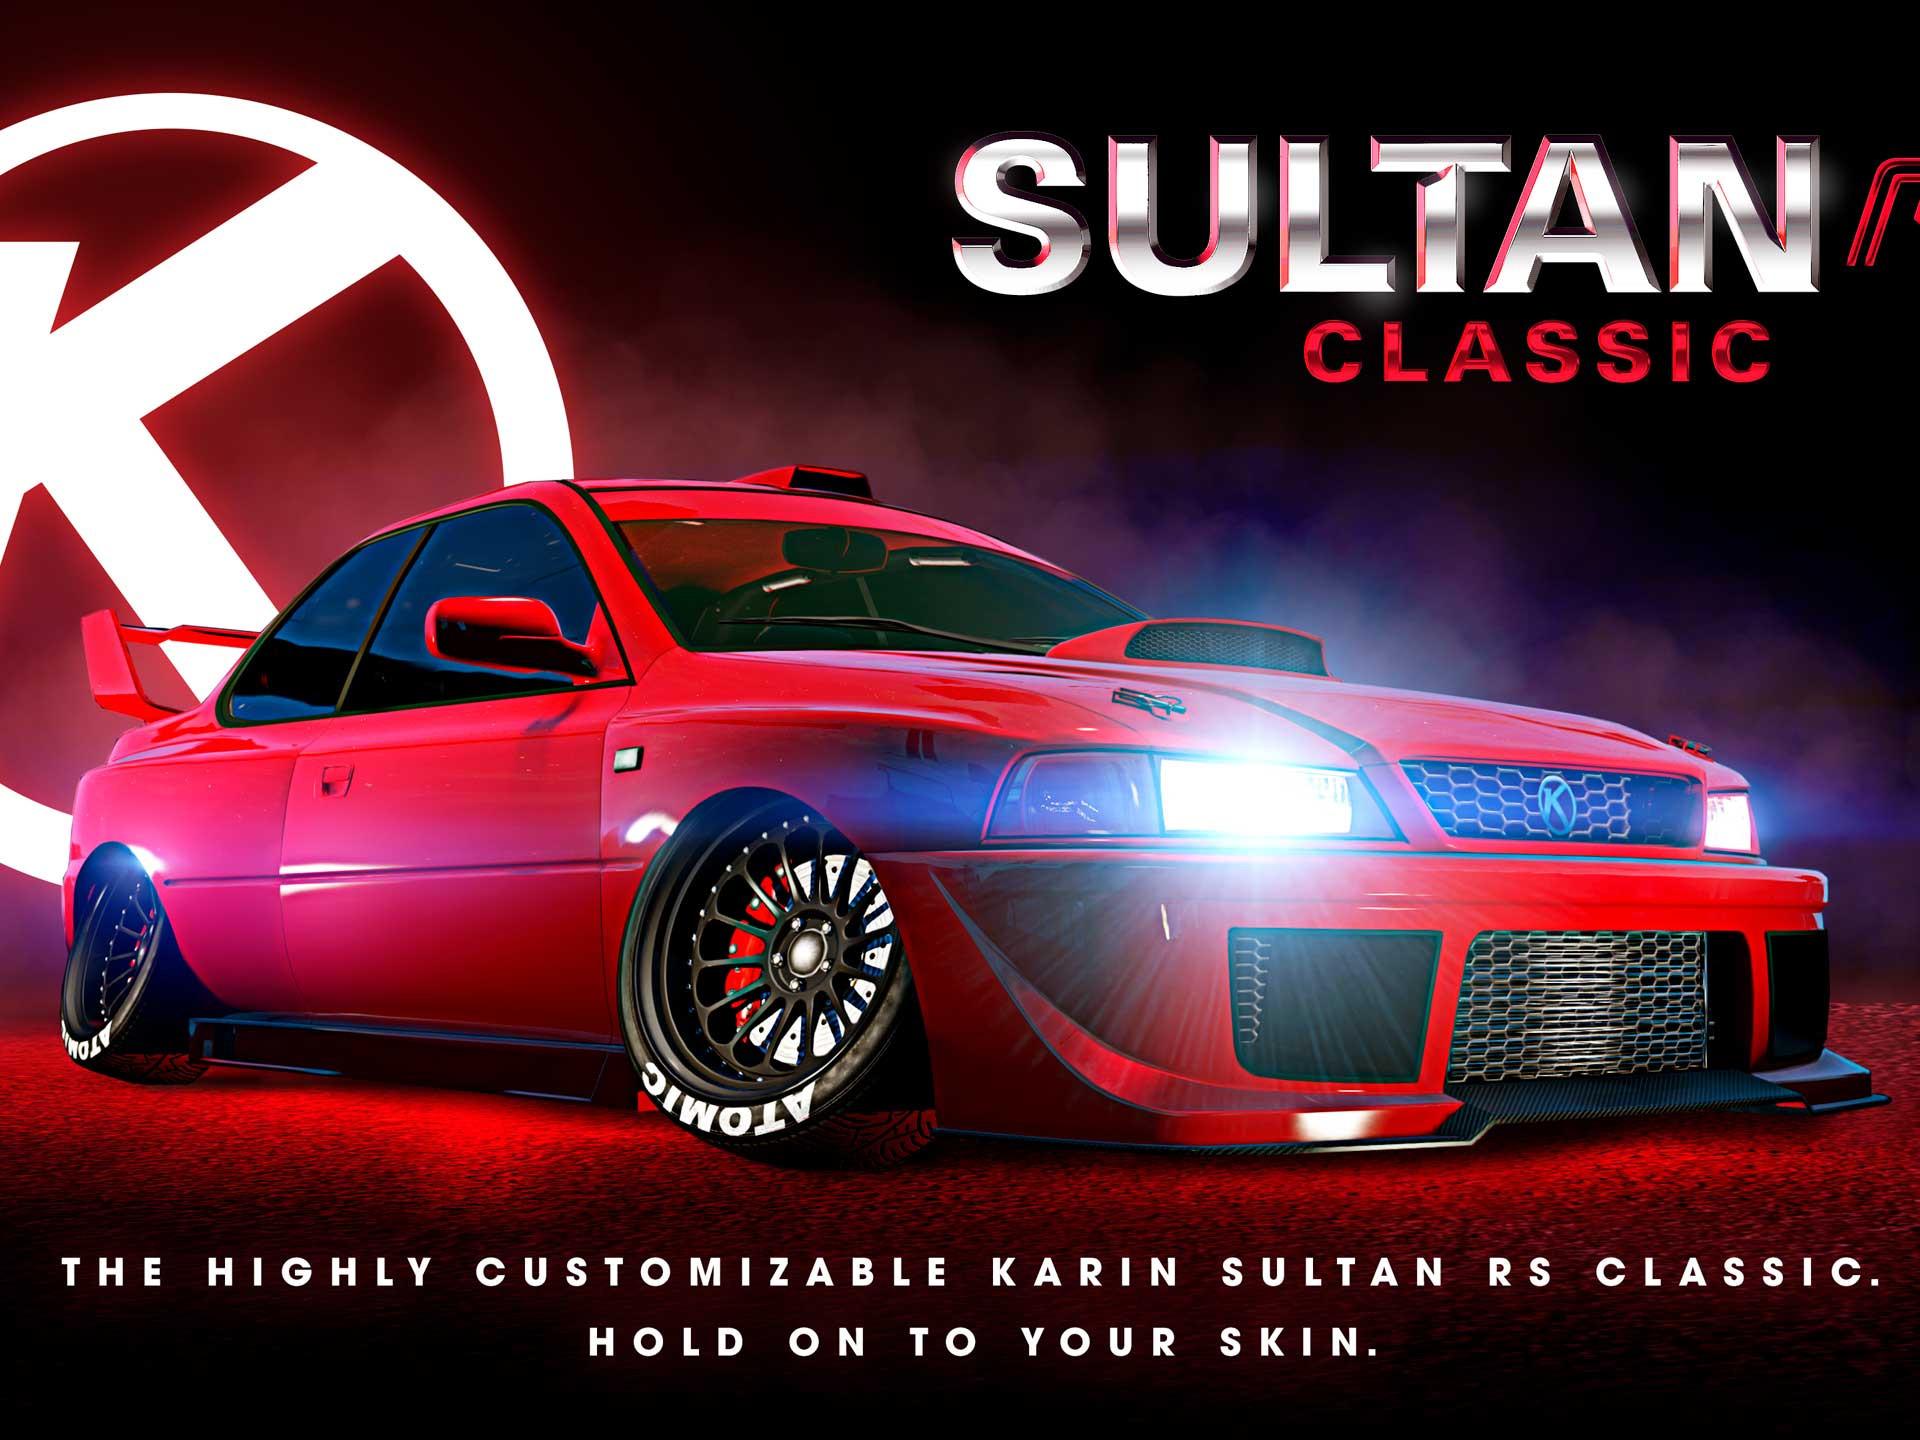 La Karin Sultan RS Classic arrive sur GTA Online